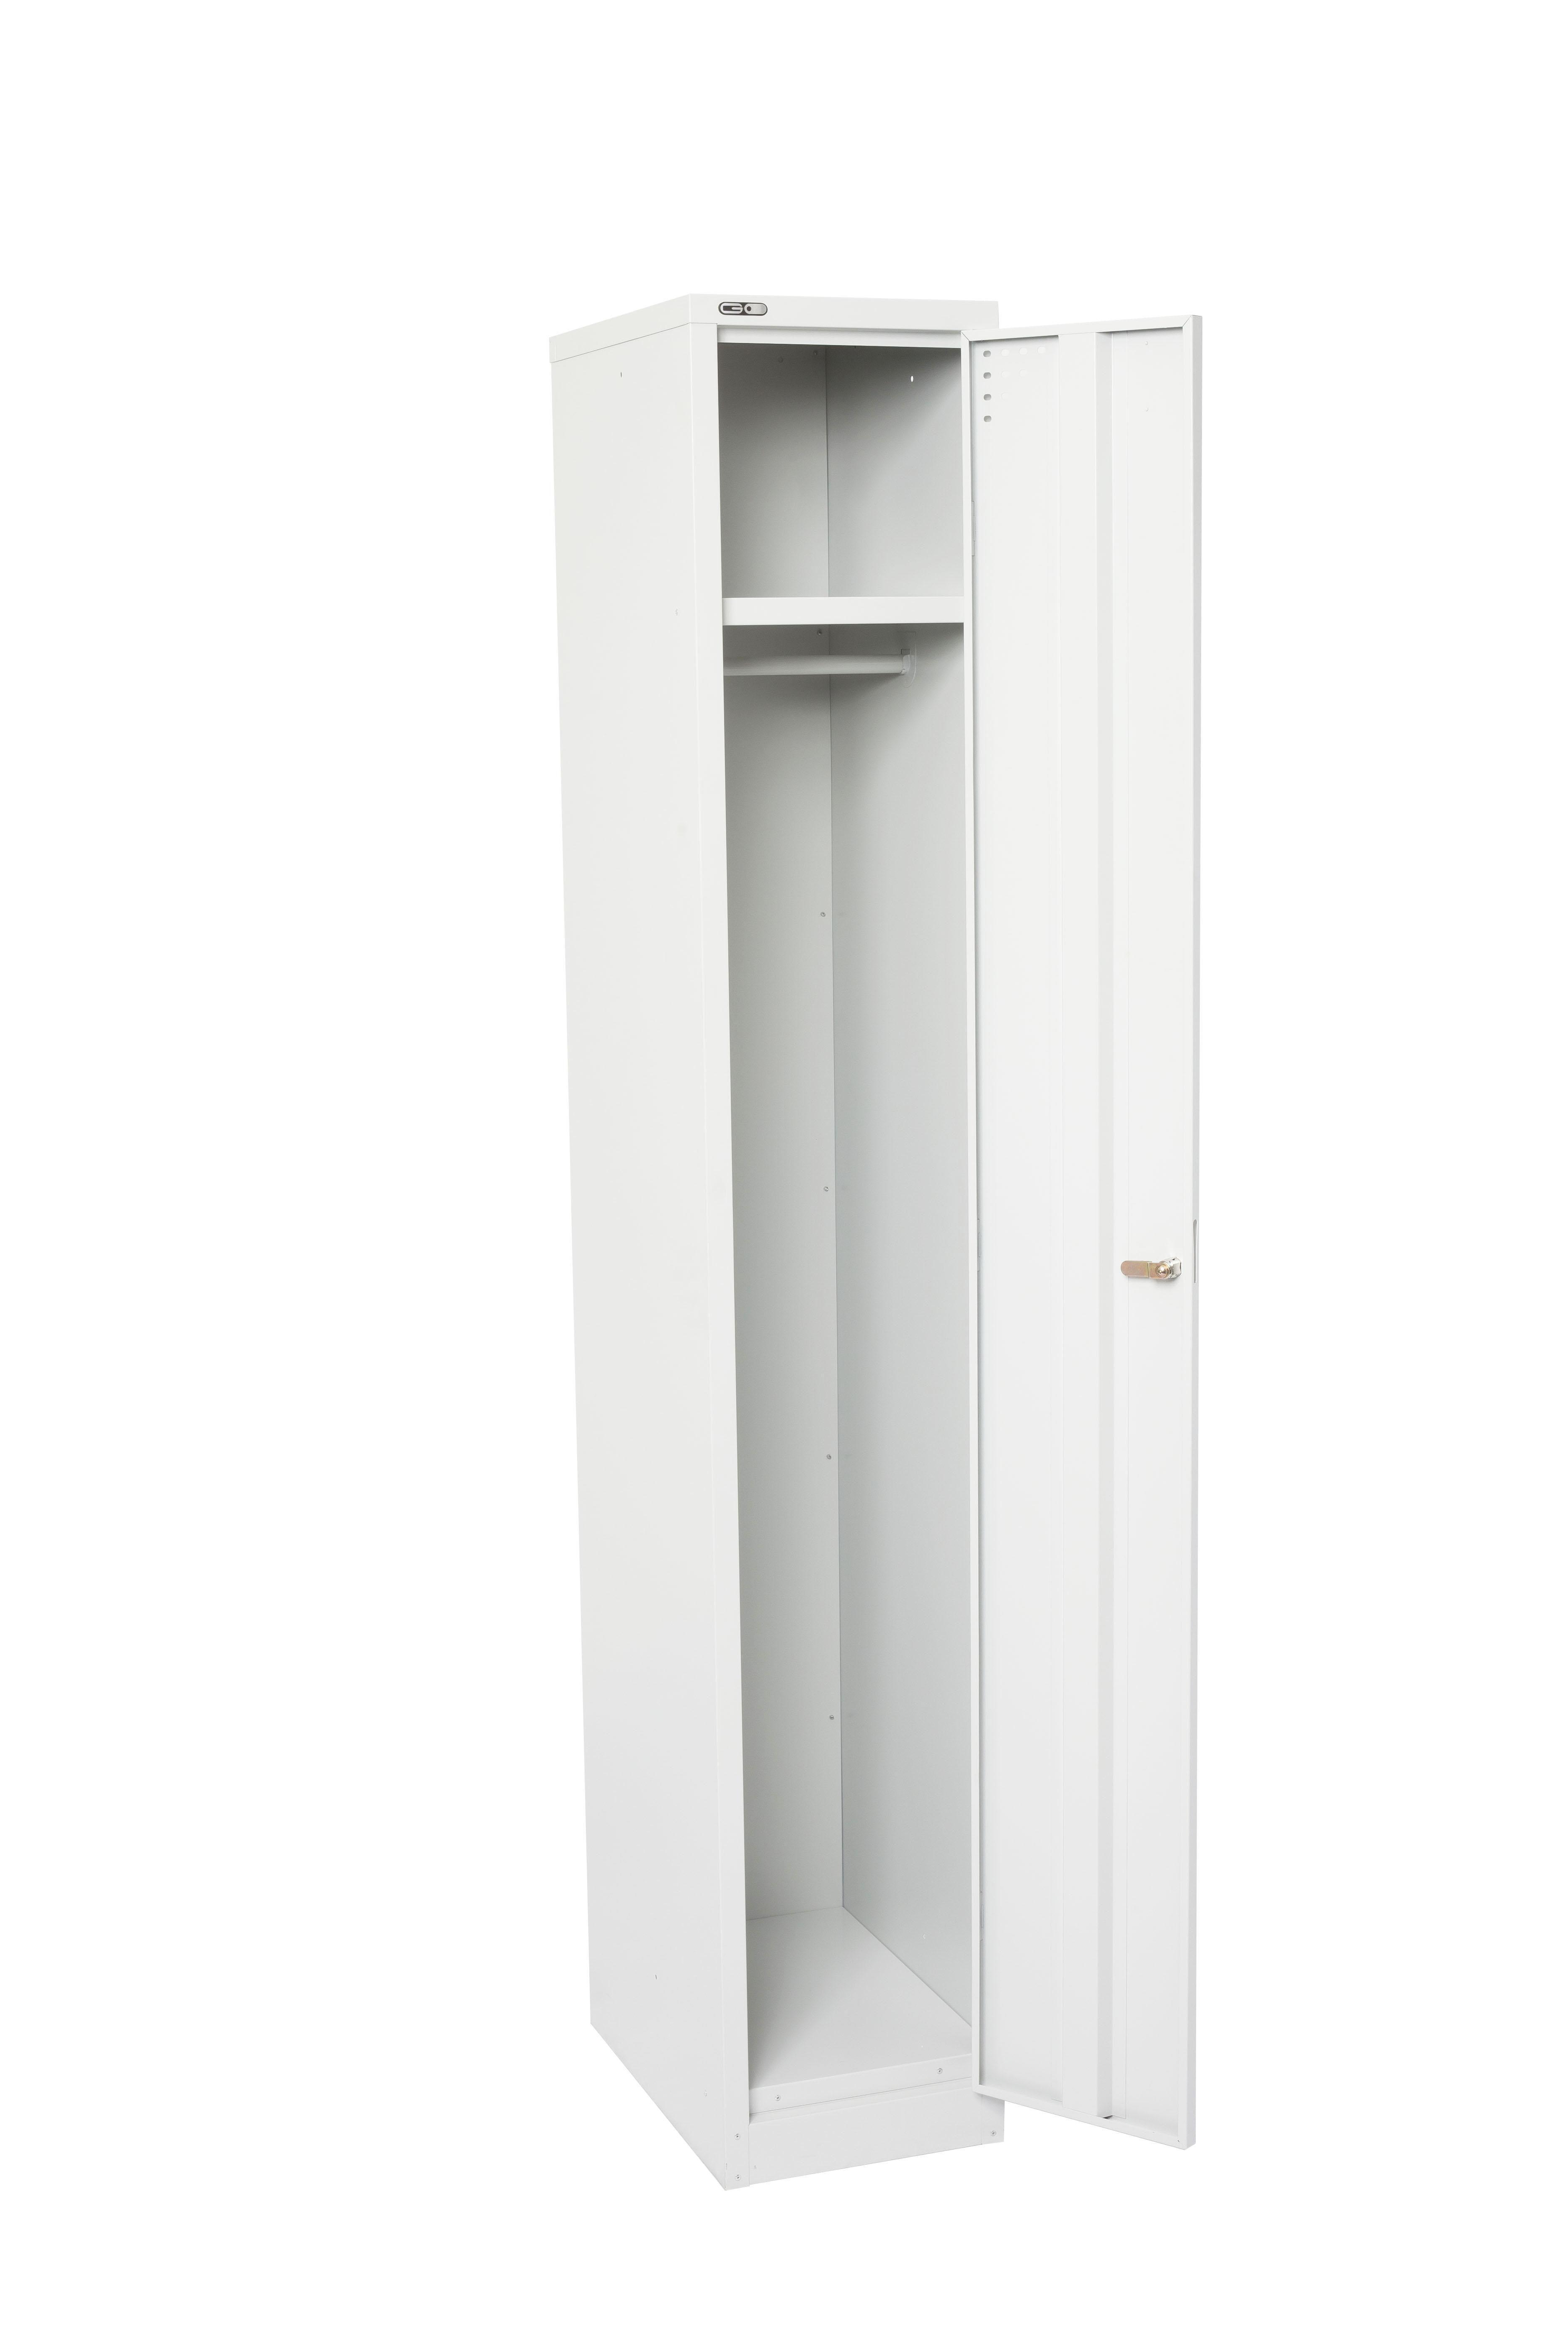 Go Single Door Locker Single Doors Door Locker Locker Storage